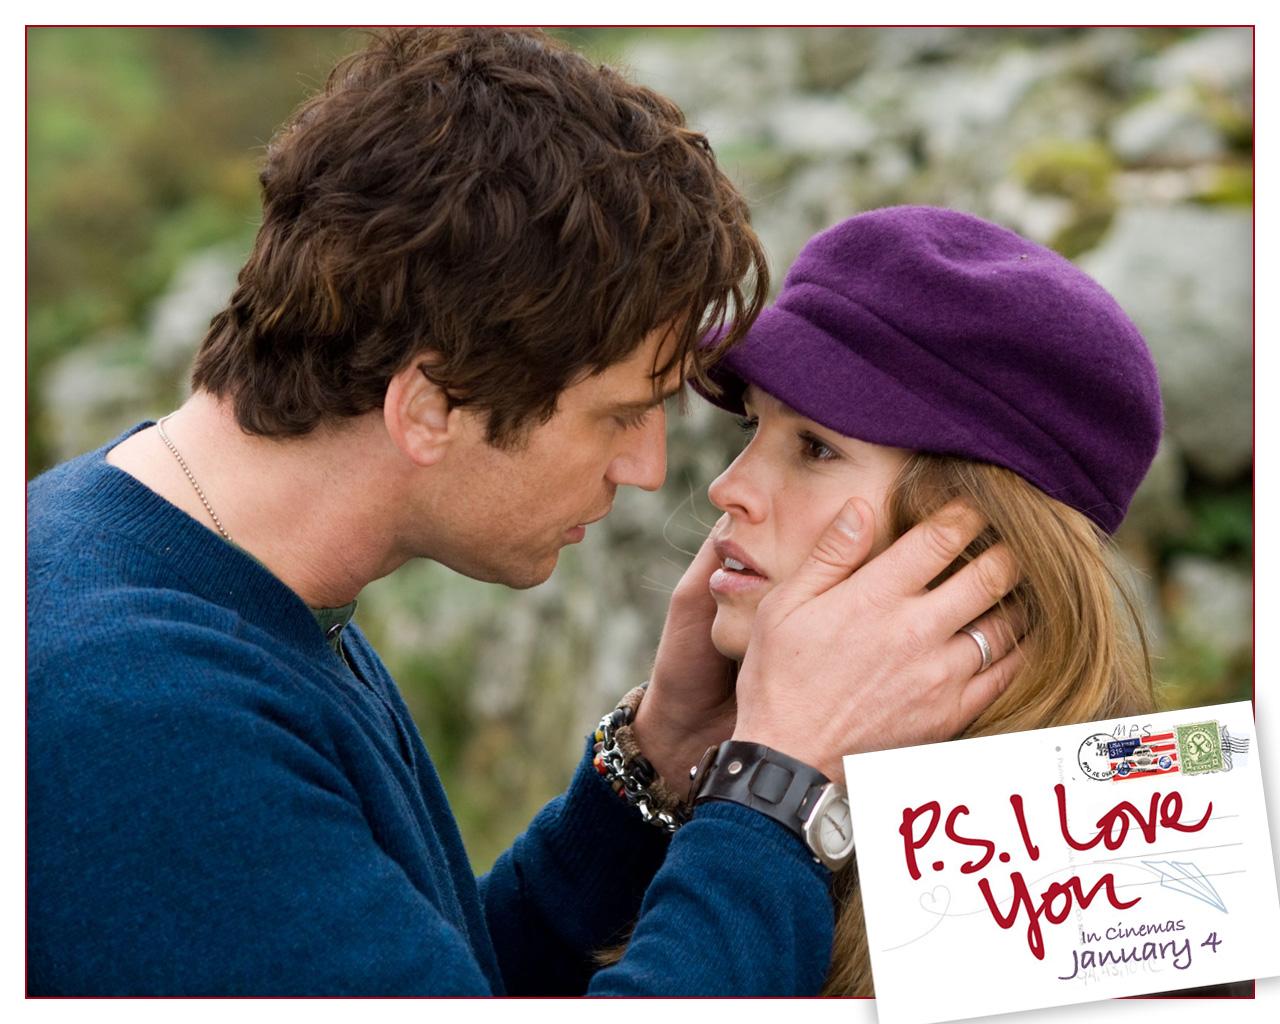 P.S. I amor tu